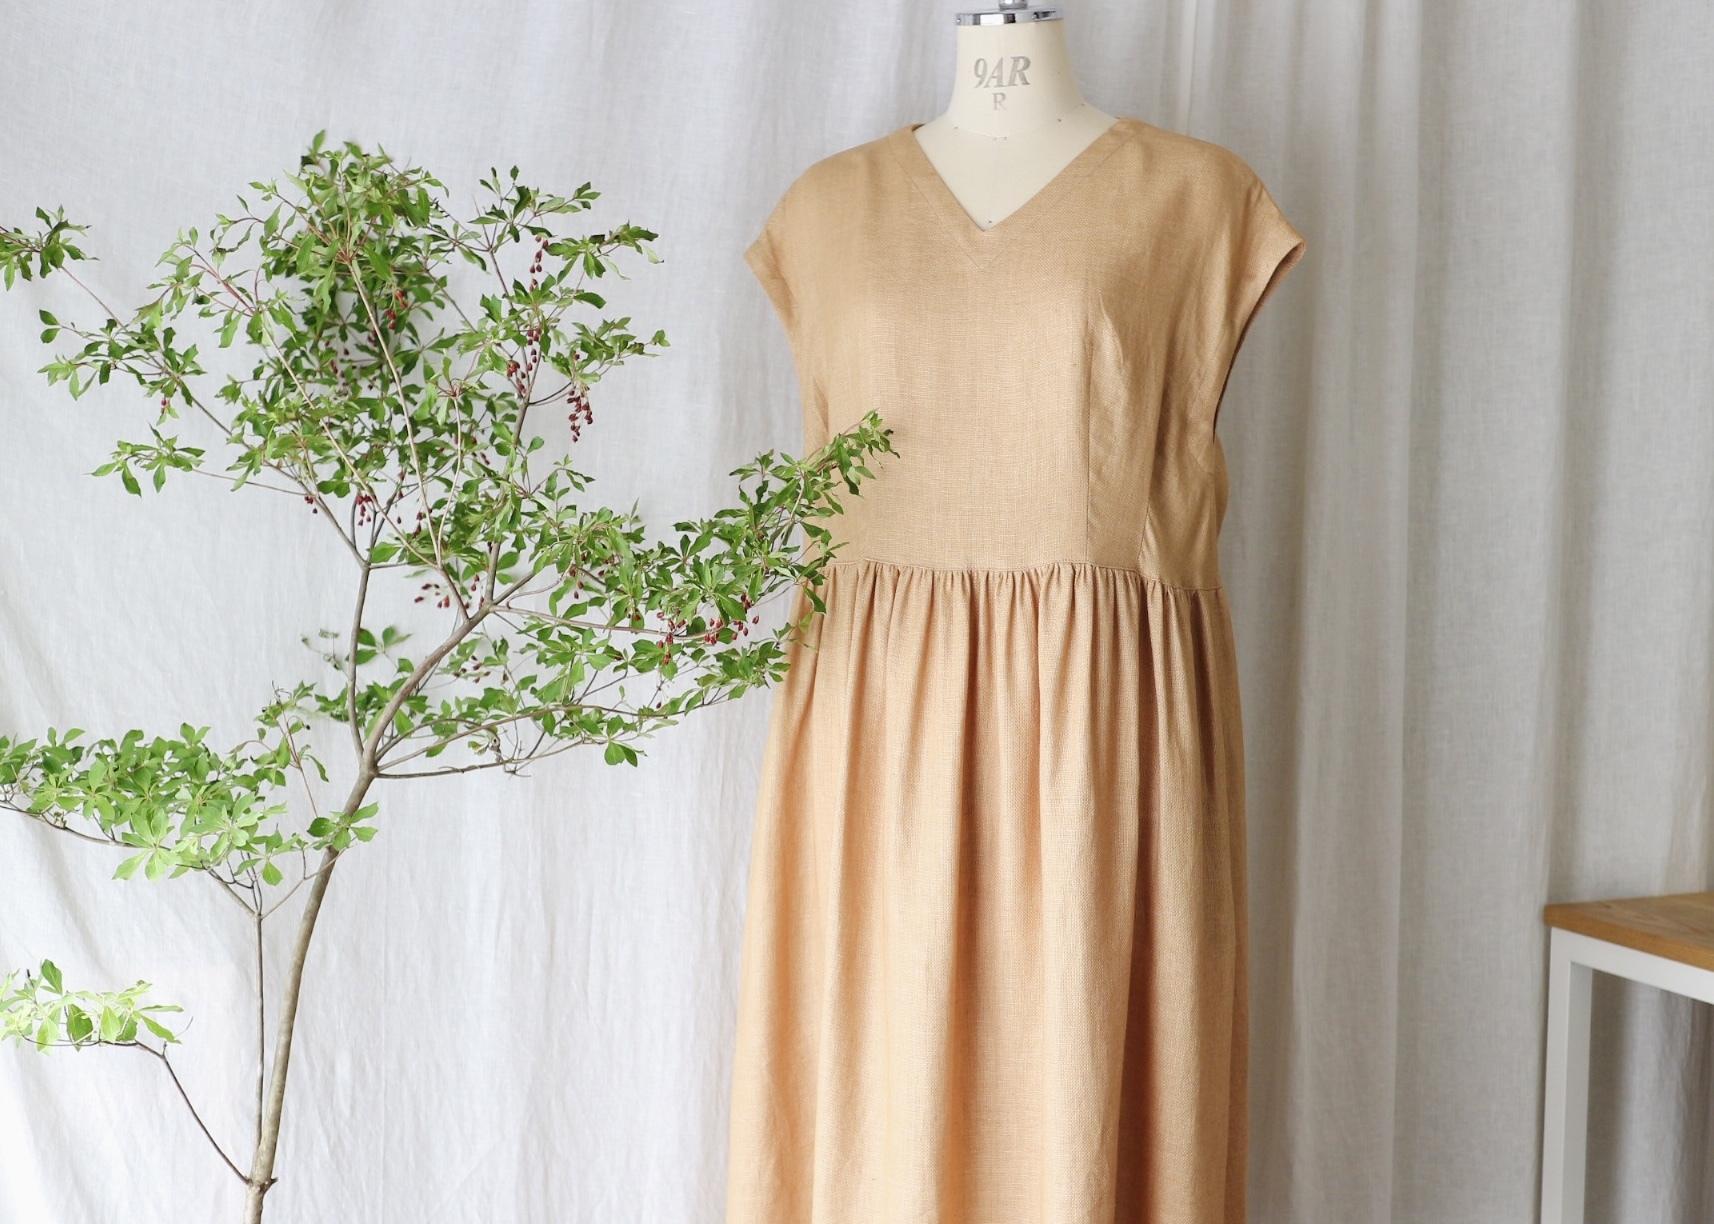 ゆったり着れてキレイに見えるフレンチスリーブタックギャザーワンピース(ニュアンスオレンジ) リネン100%